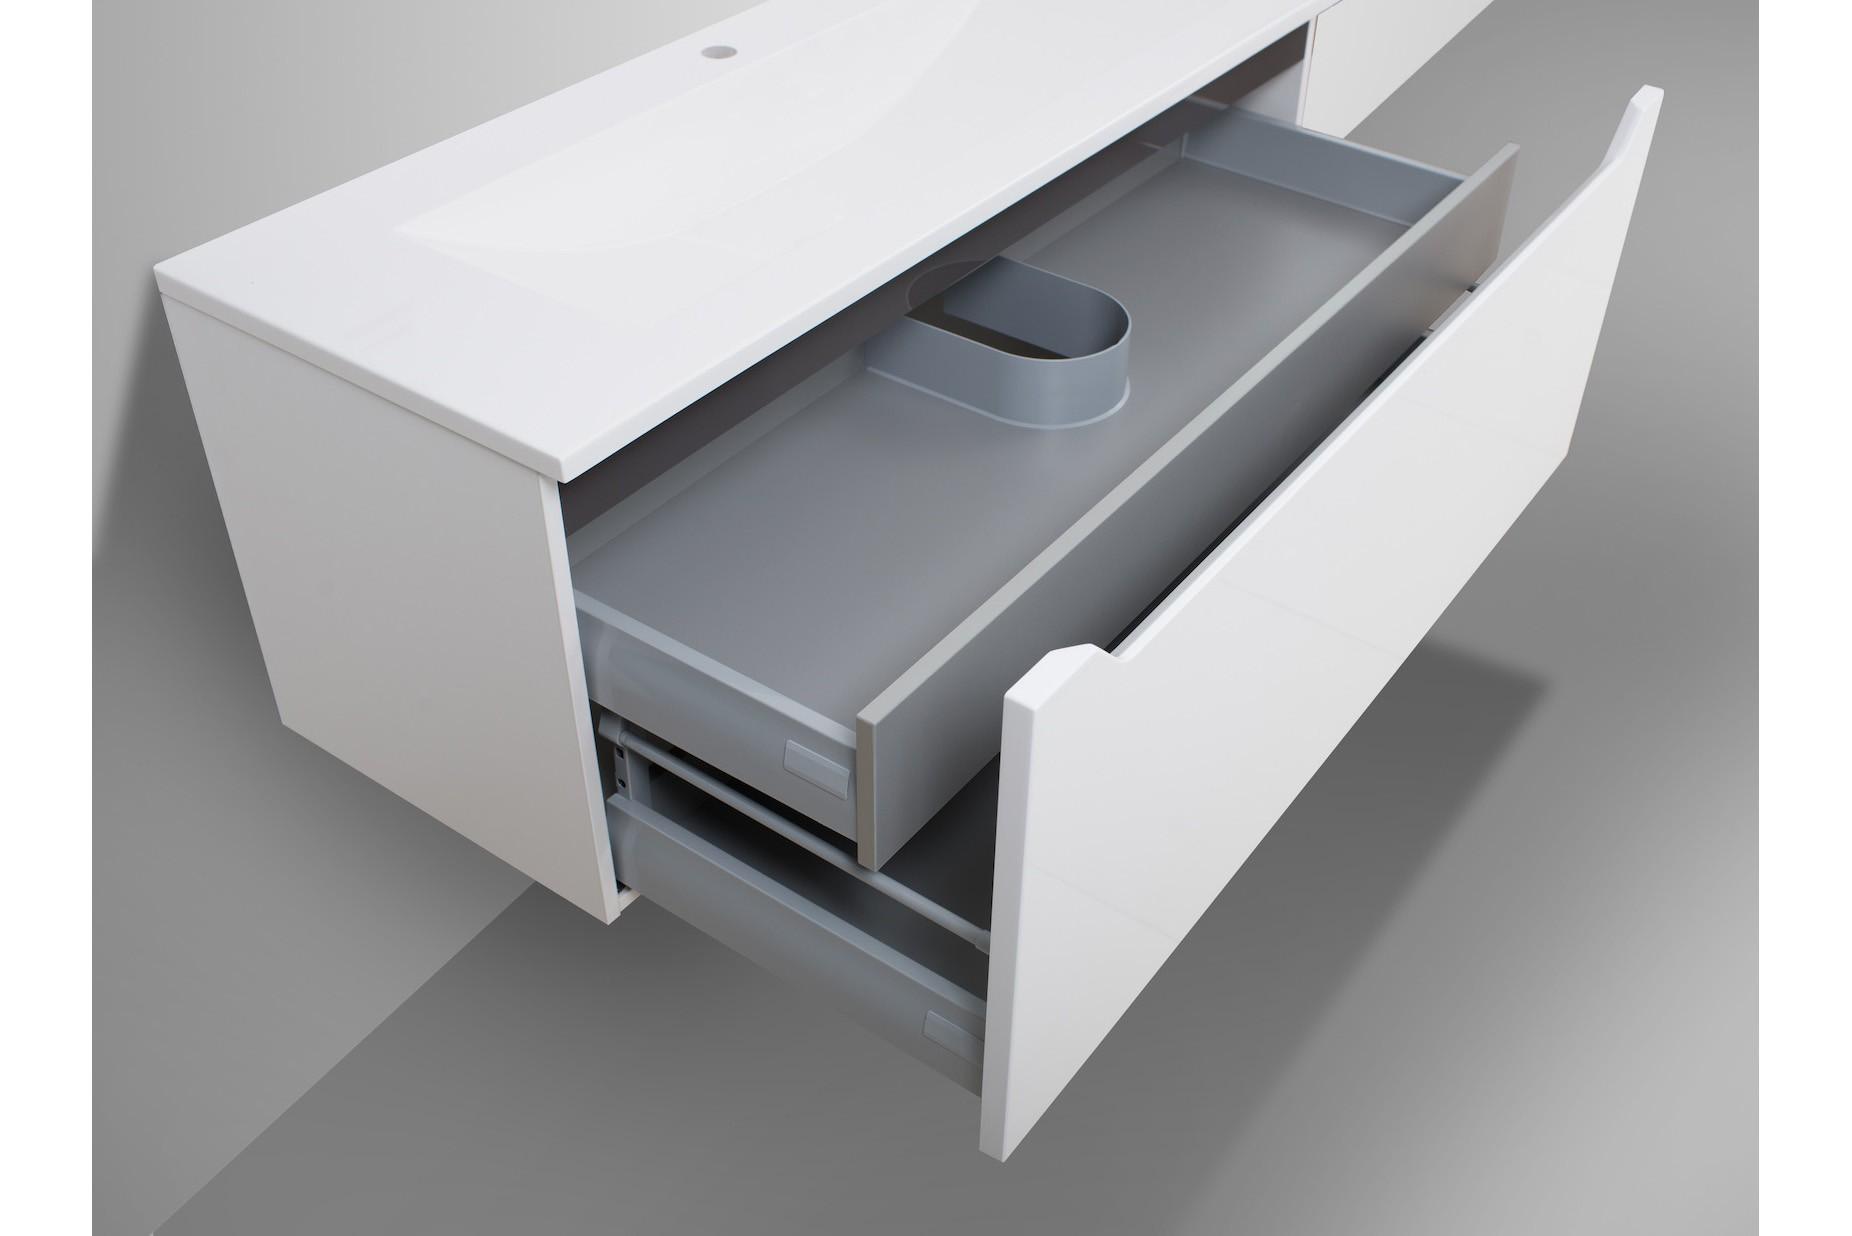 badm bel set mit 120 cm doppelwaschtisch schwarz. Black Bedroom Furniture Sets. Home Design Ideas